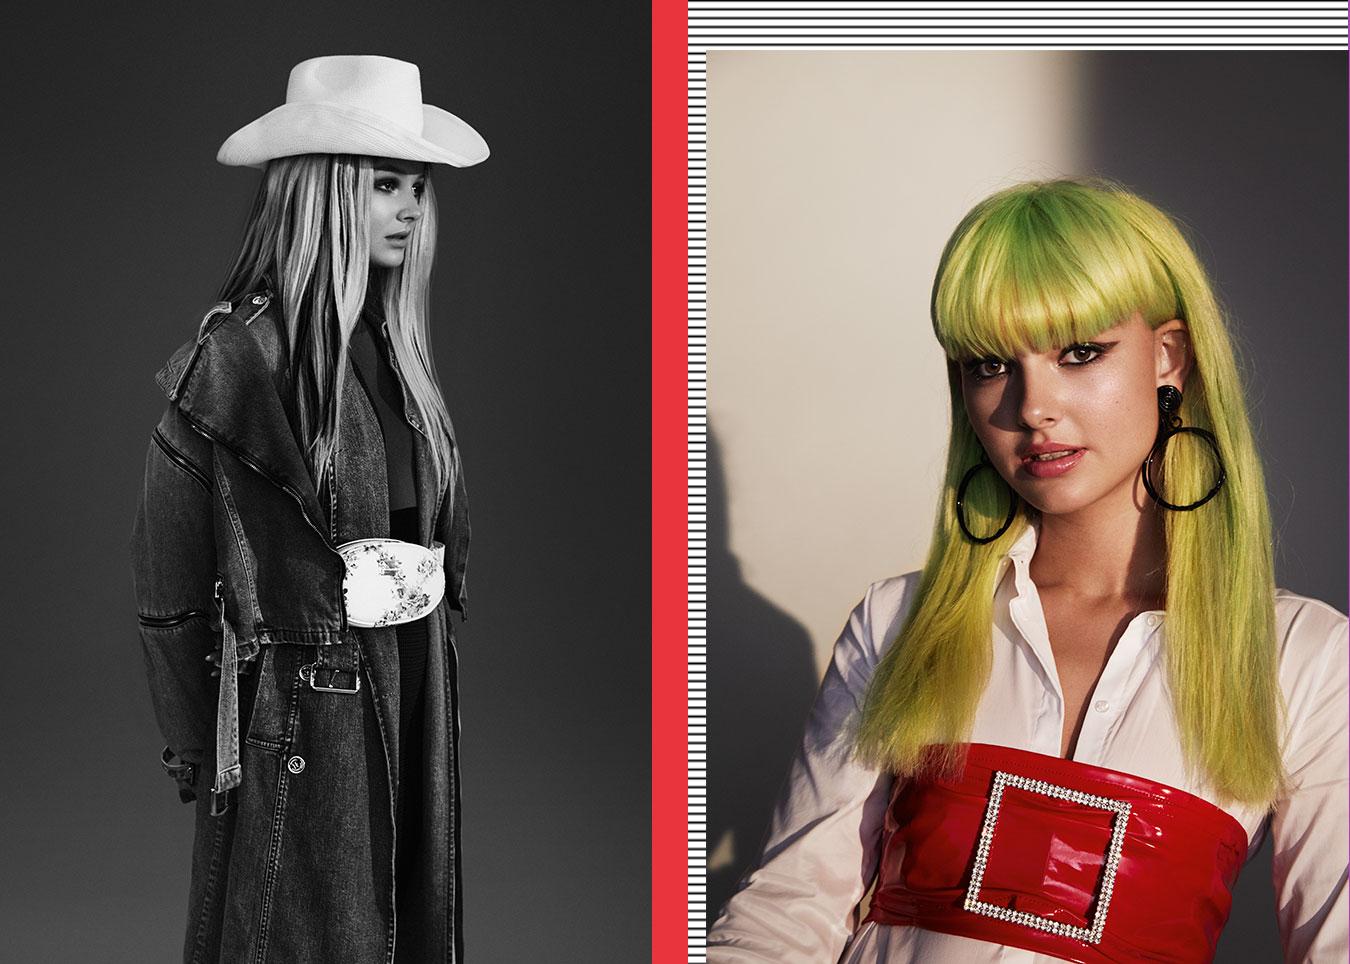 Cäcilia als 2000er-Cowgirl und Punk-Britney